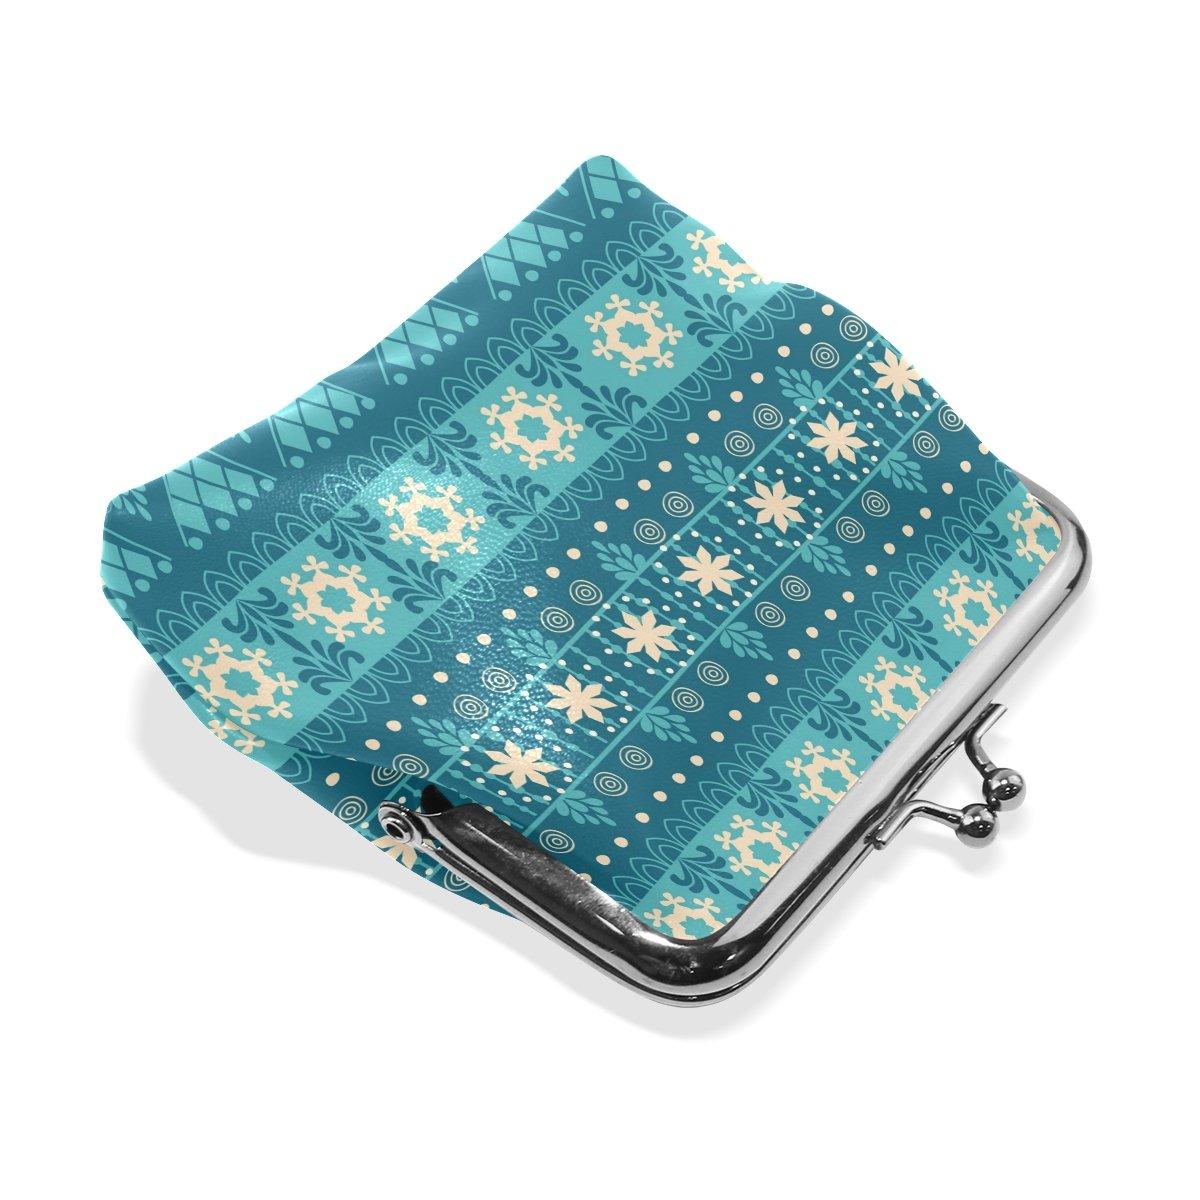 Coin Purse Africa Art Custom Wallet Buckle Clutch Handbag For Women Girls Gift